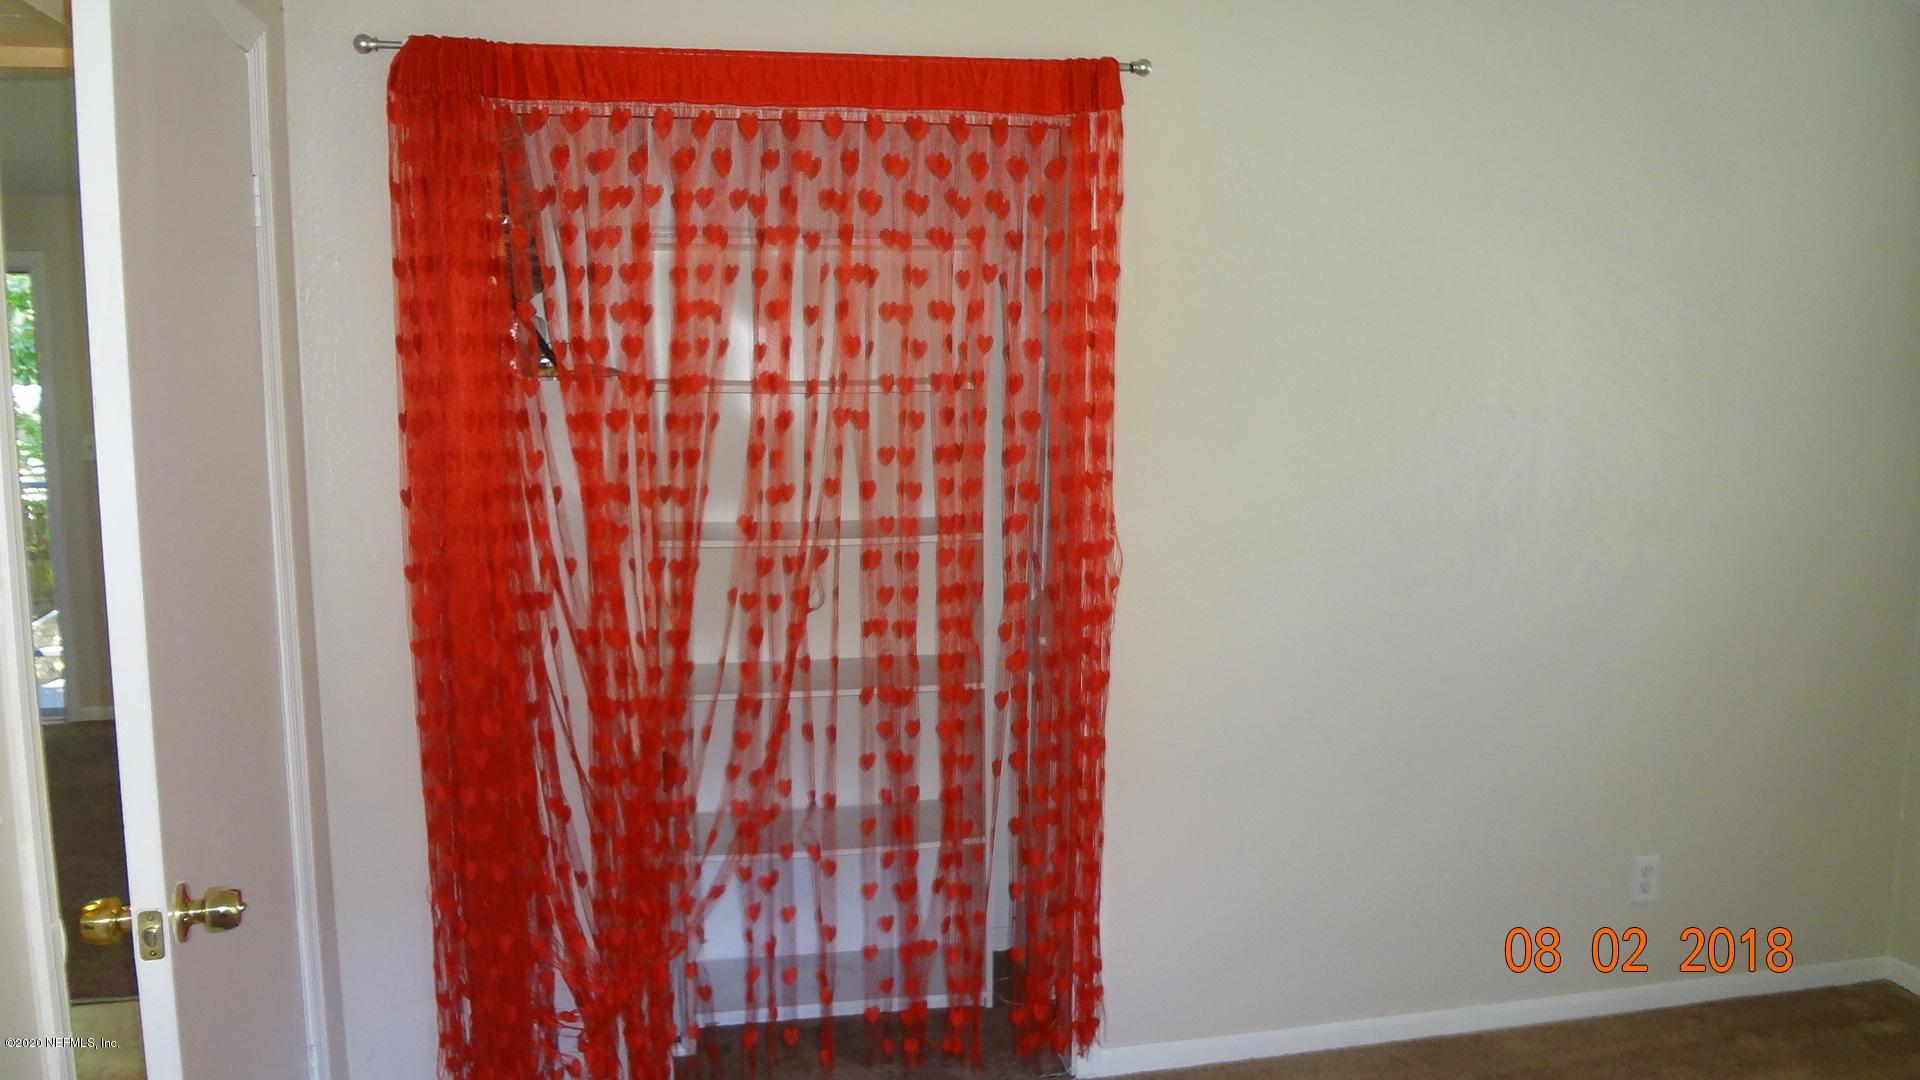 1262 DELMAR, JACKSONVILLE, FLORIDA 32205, ,Commercial,For sale,DELMAR,1072991